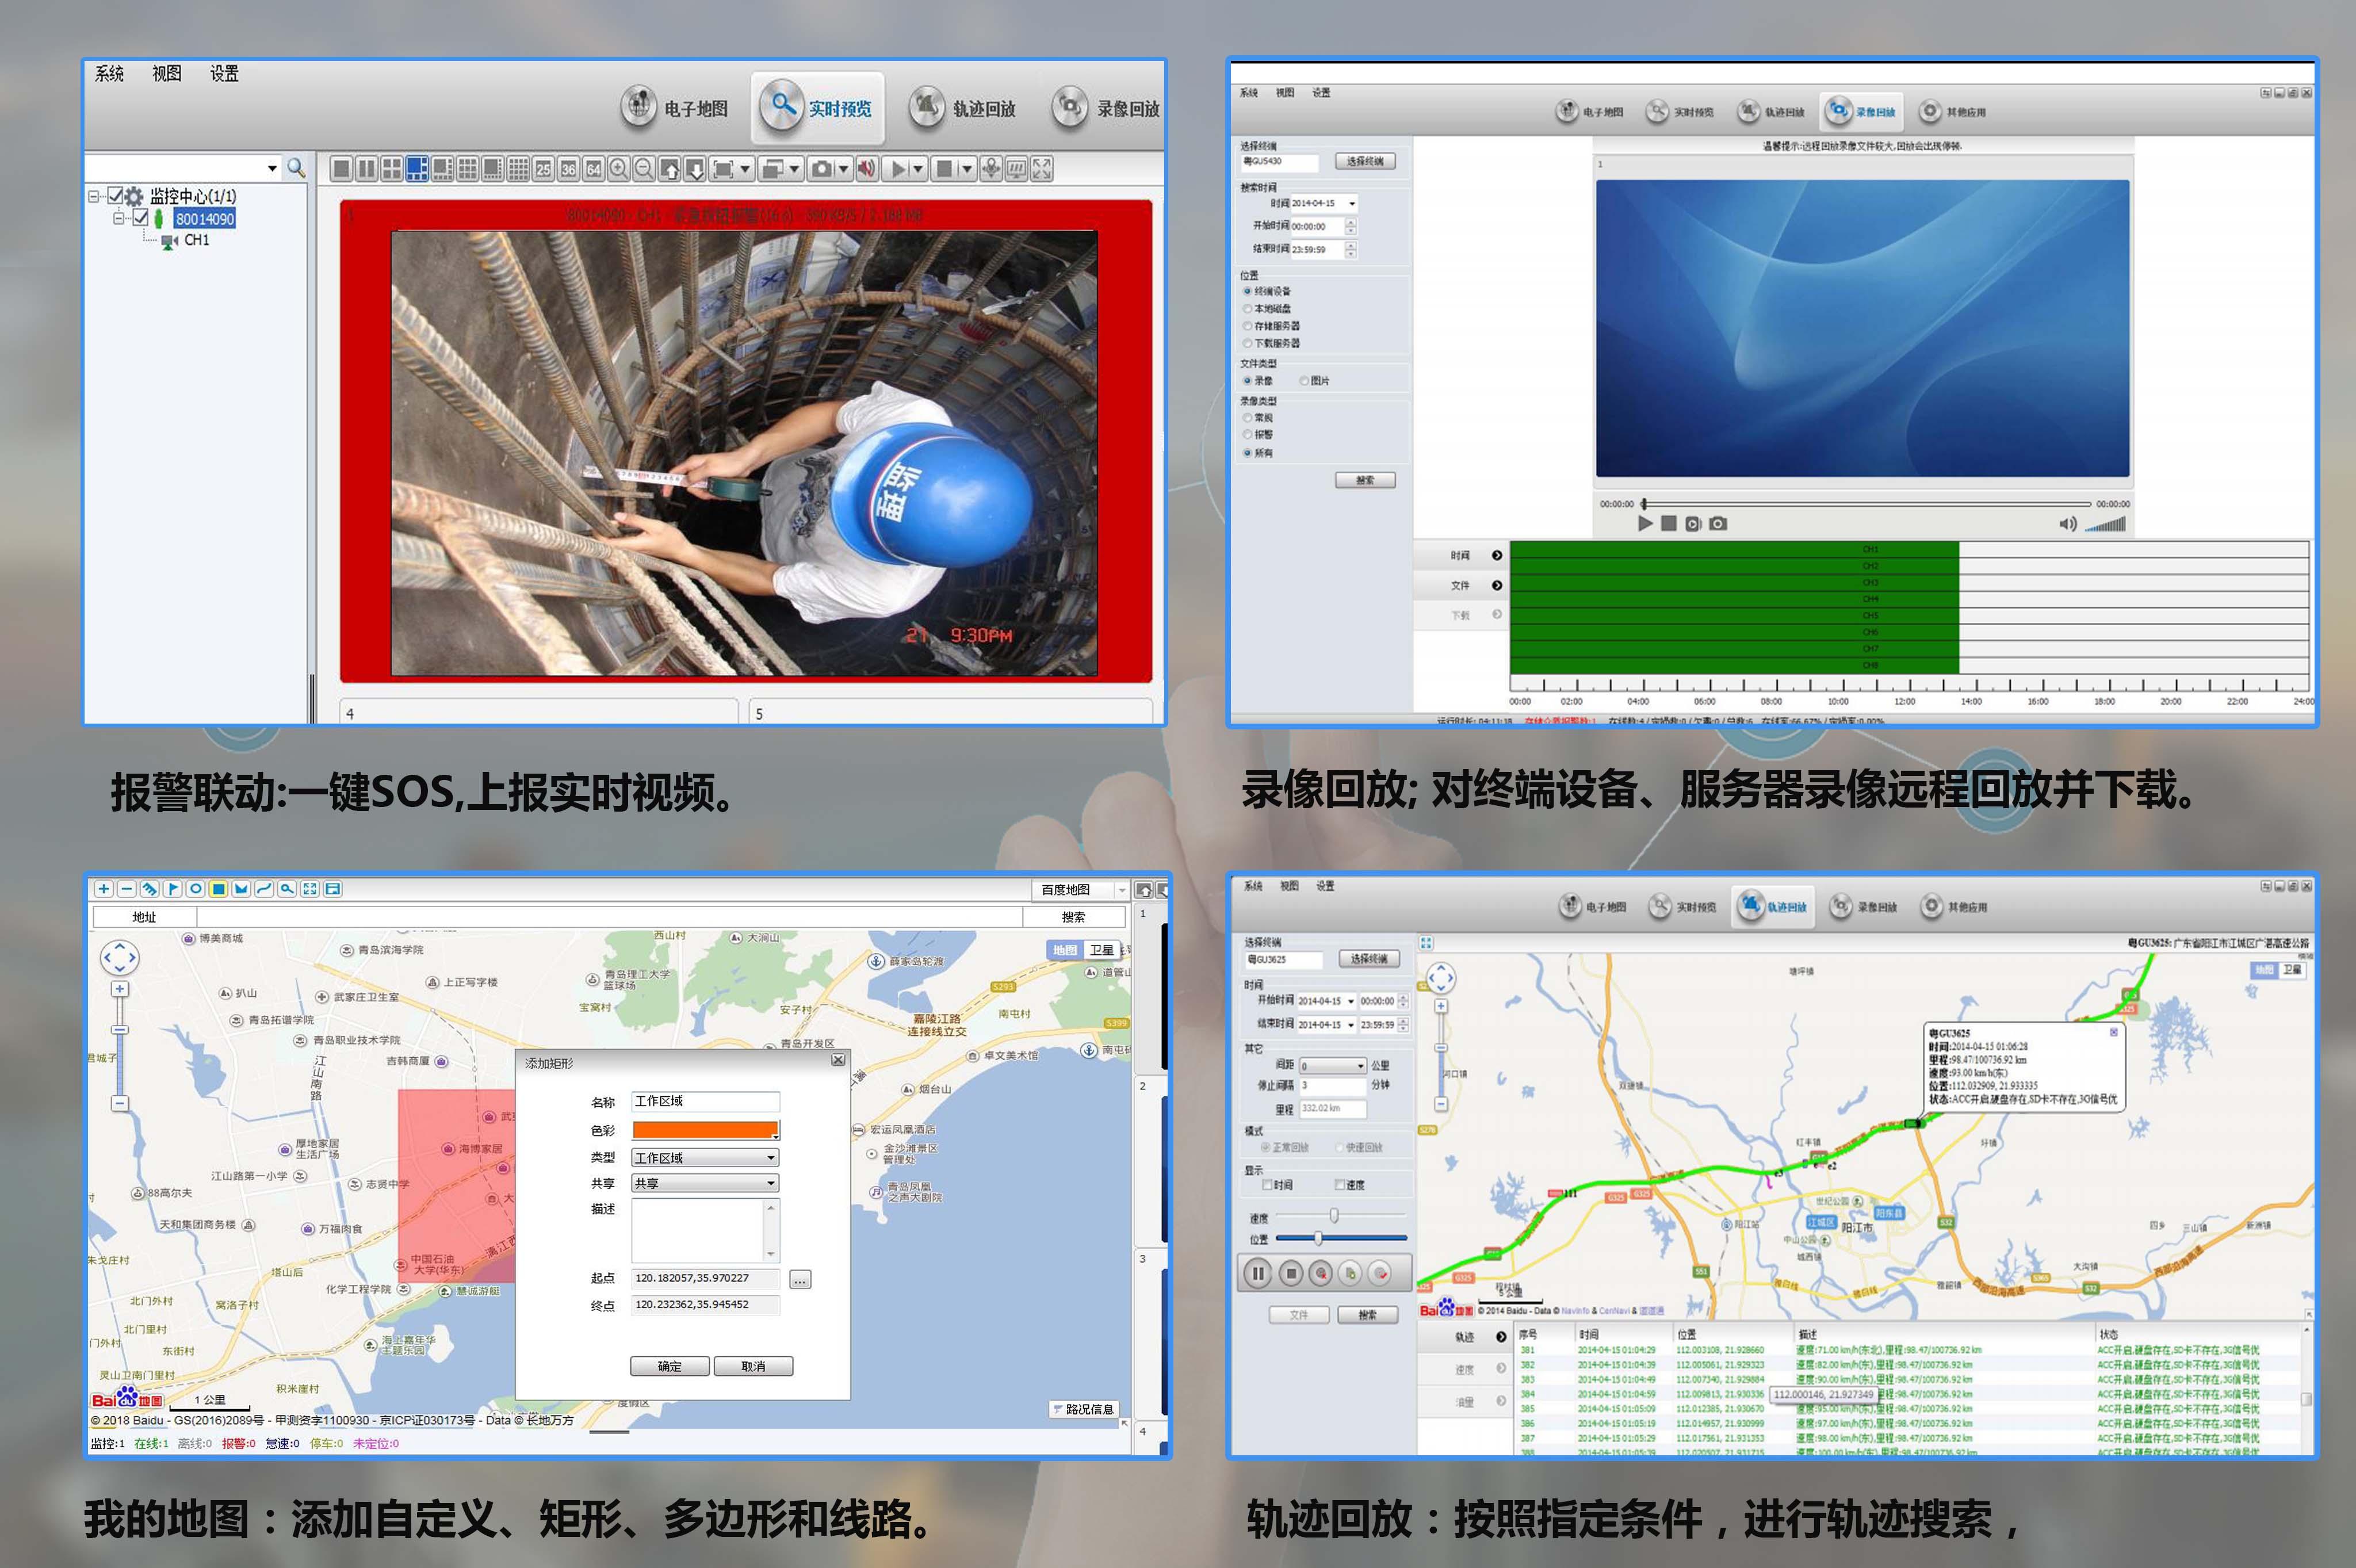 远程视频监控指挥.jpg